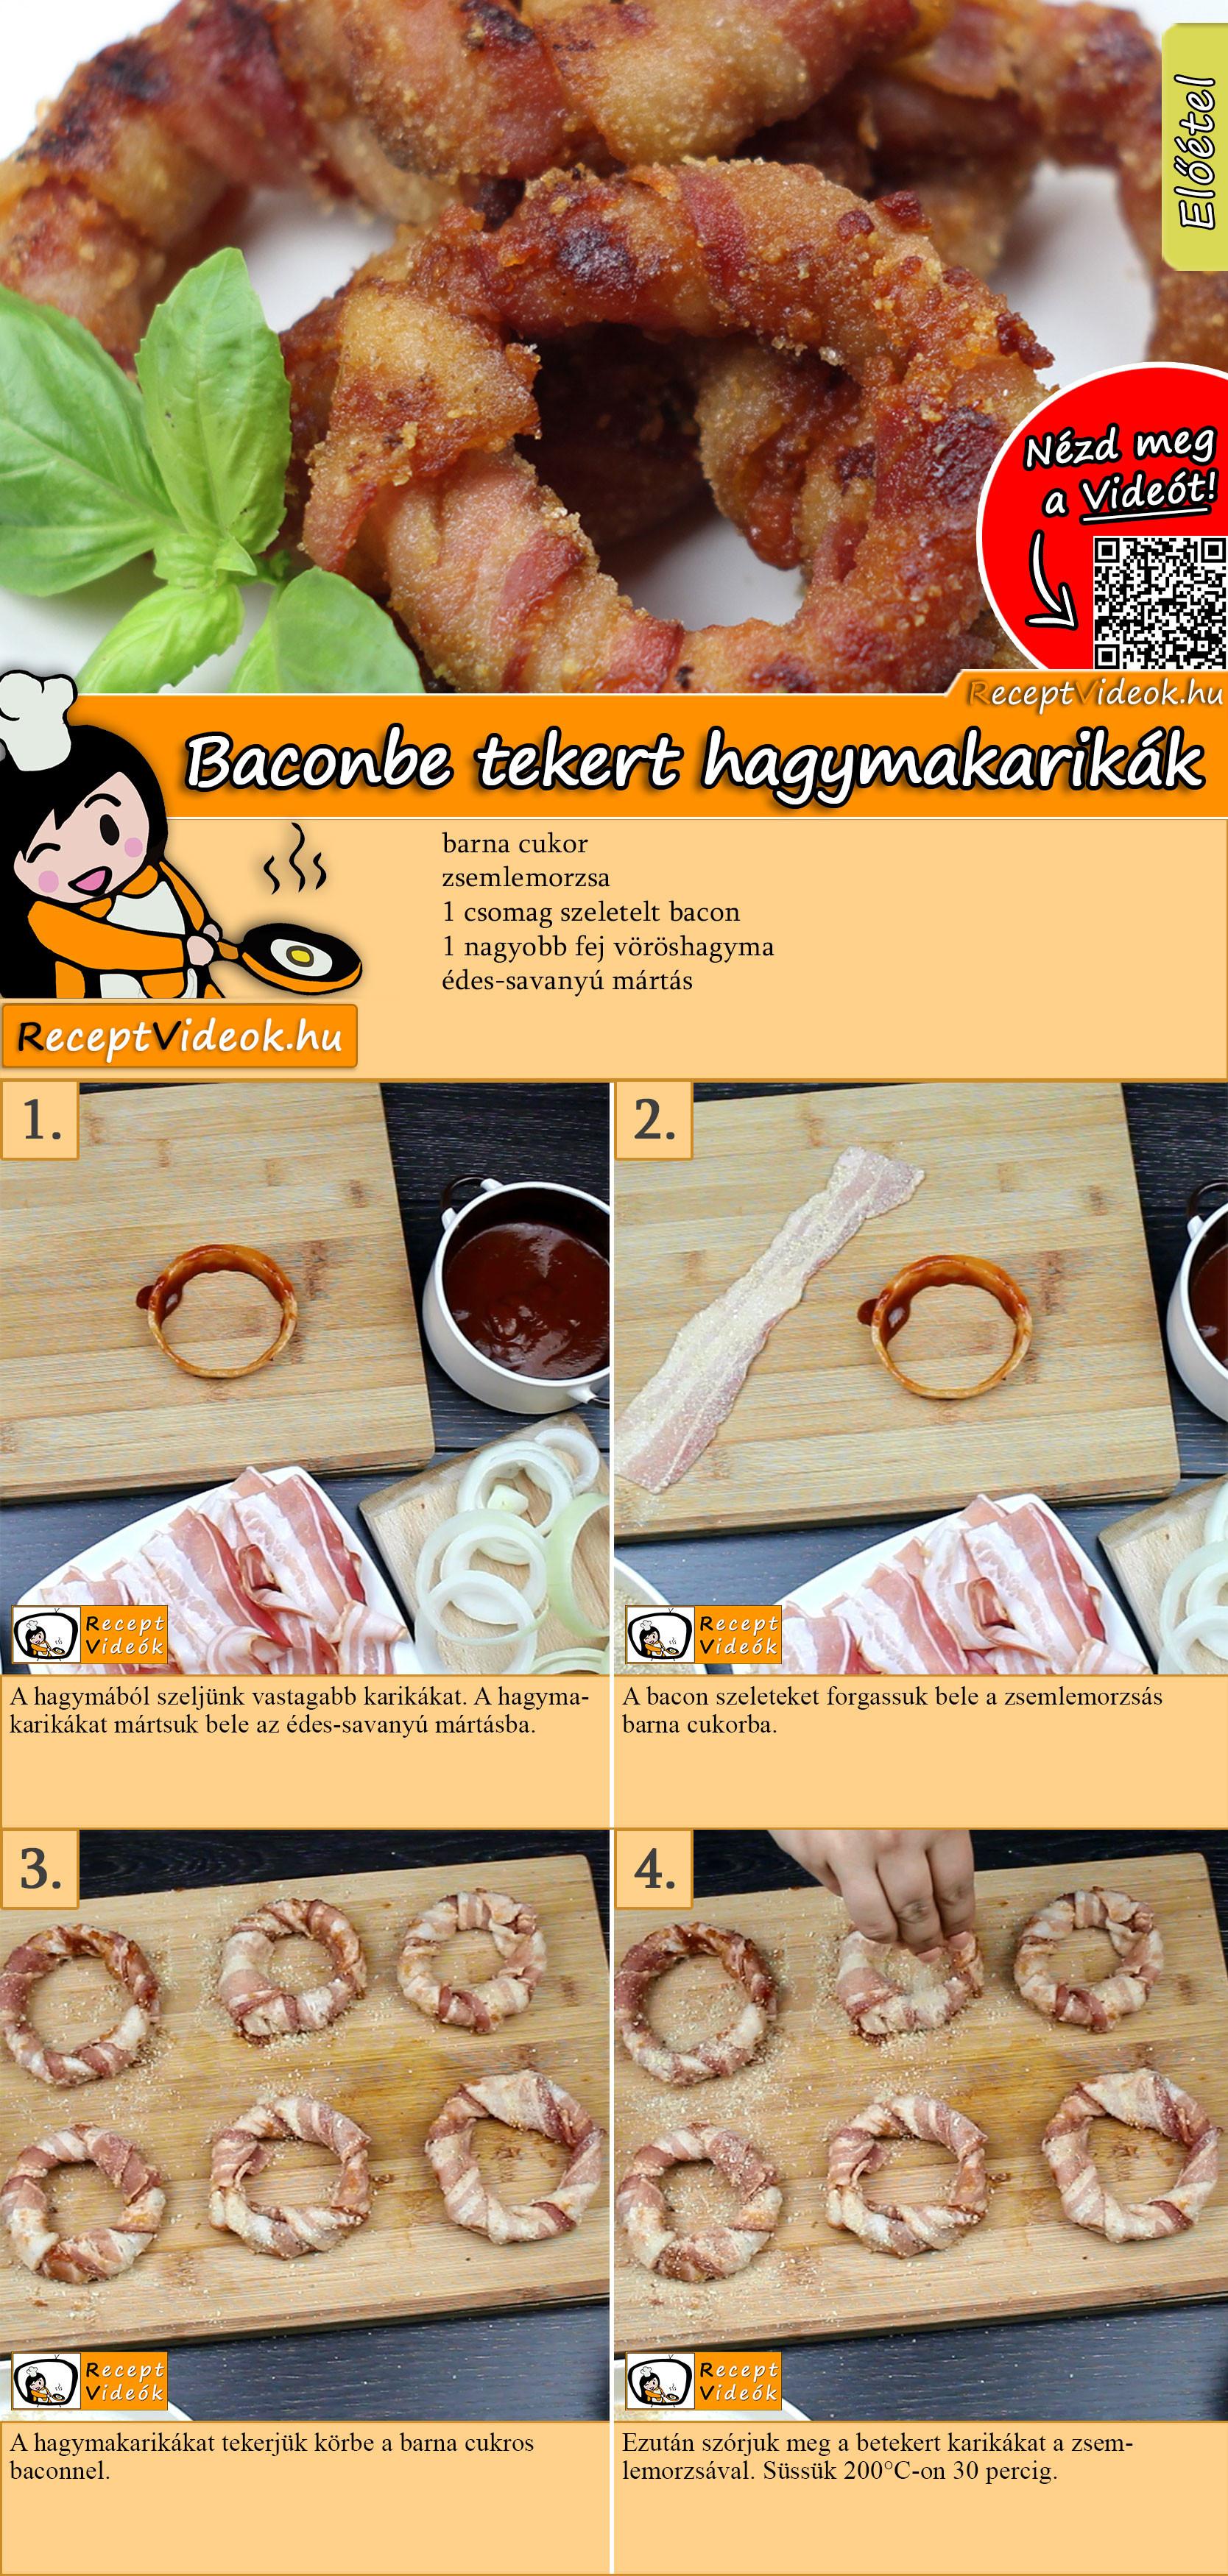 Baconba tekert hagymakarikák recept elkészítése videóval